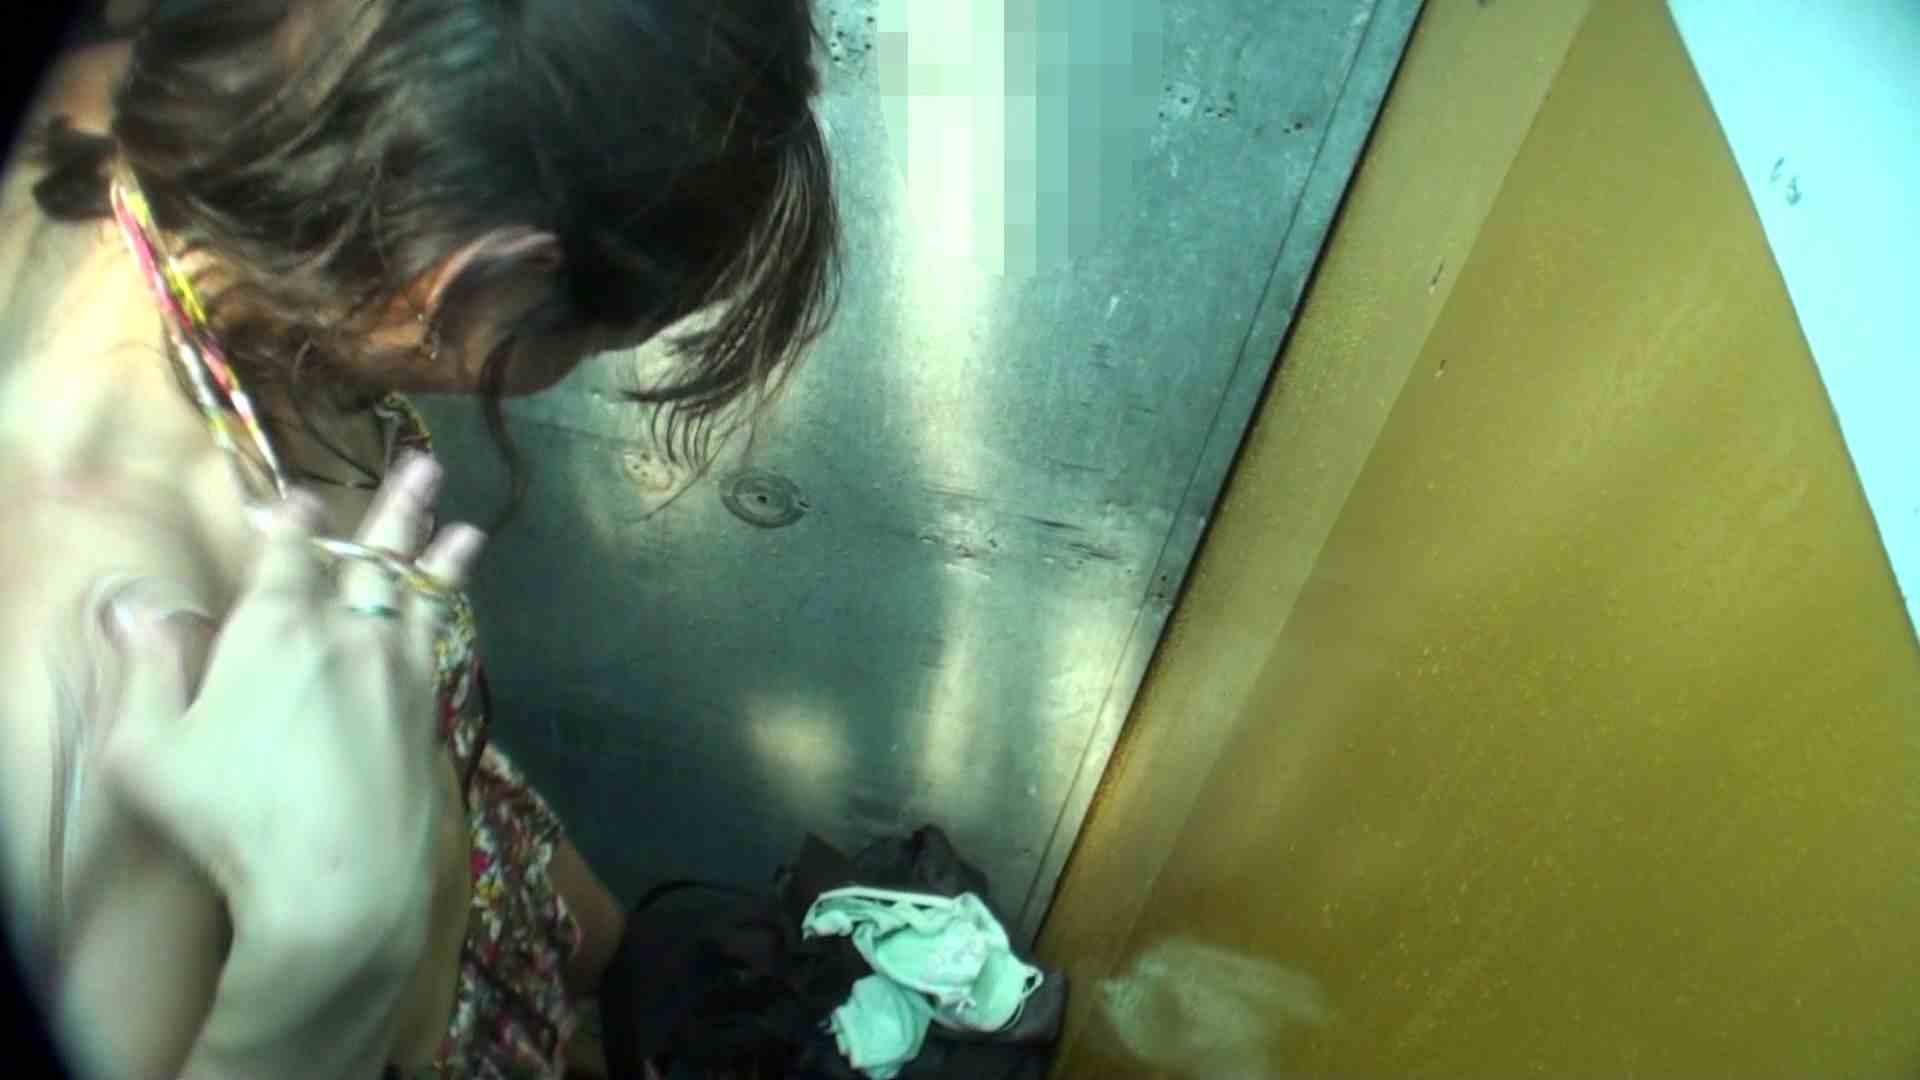 シャワールームは超!!危険な香りVol.16 意外に乳首は年増のそれ 高画質 覗きスケベ動画紹介 108画像 38